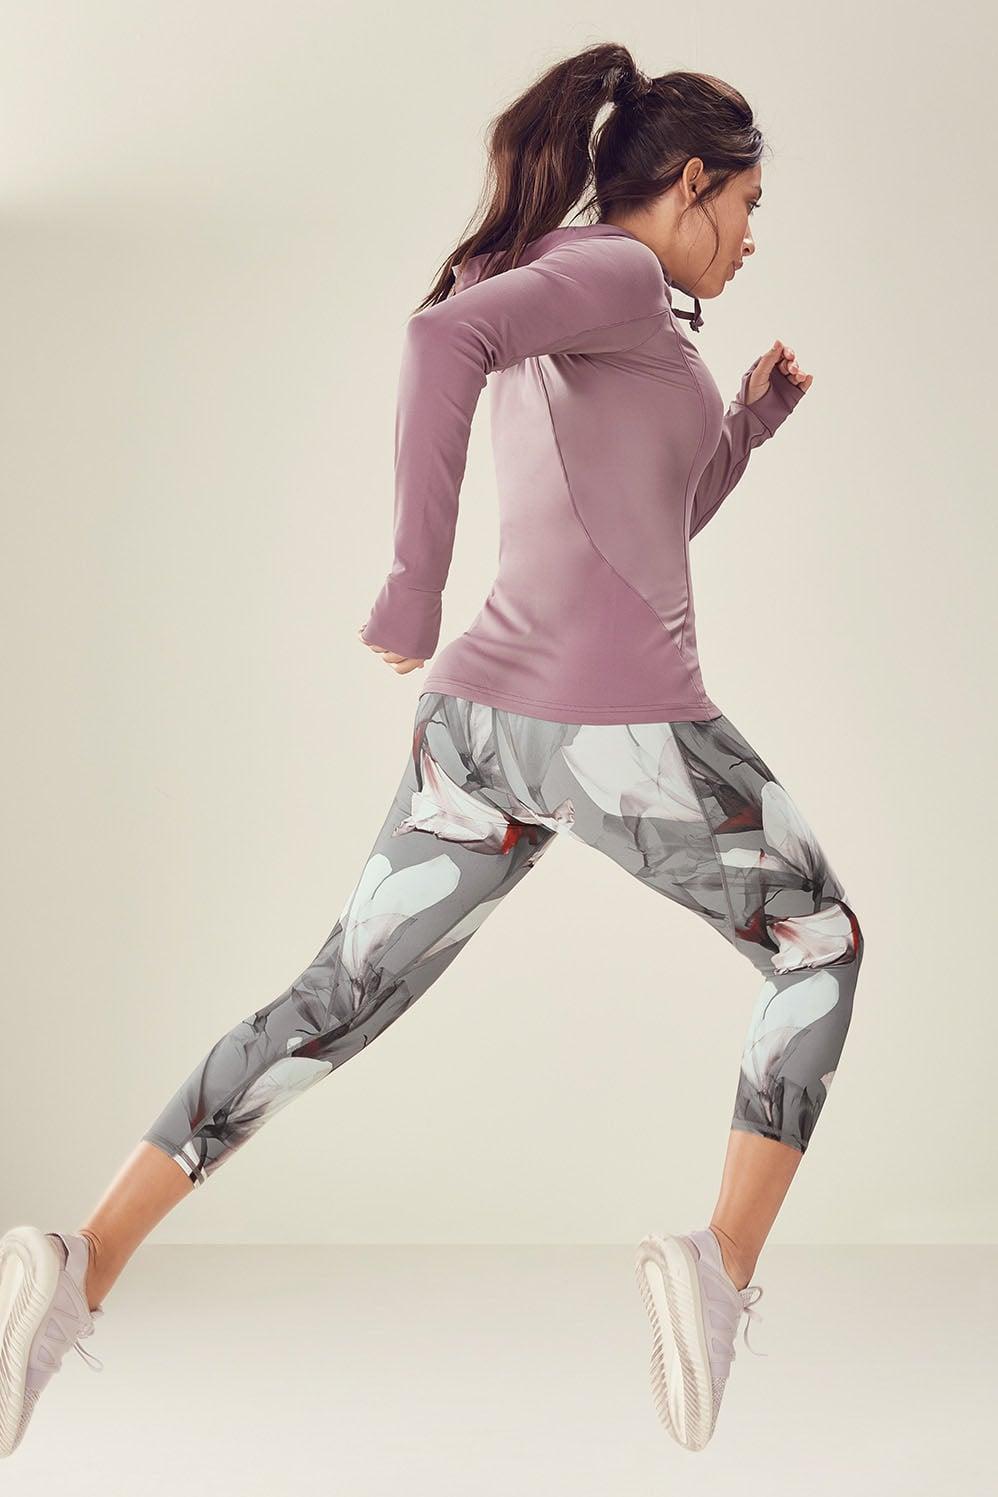 efc2a1025611da Why Fabletics Leggings Are the World's Best Leggings | POPSUGAR Fitness